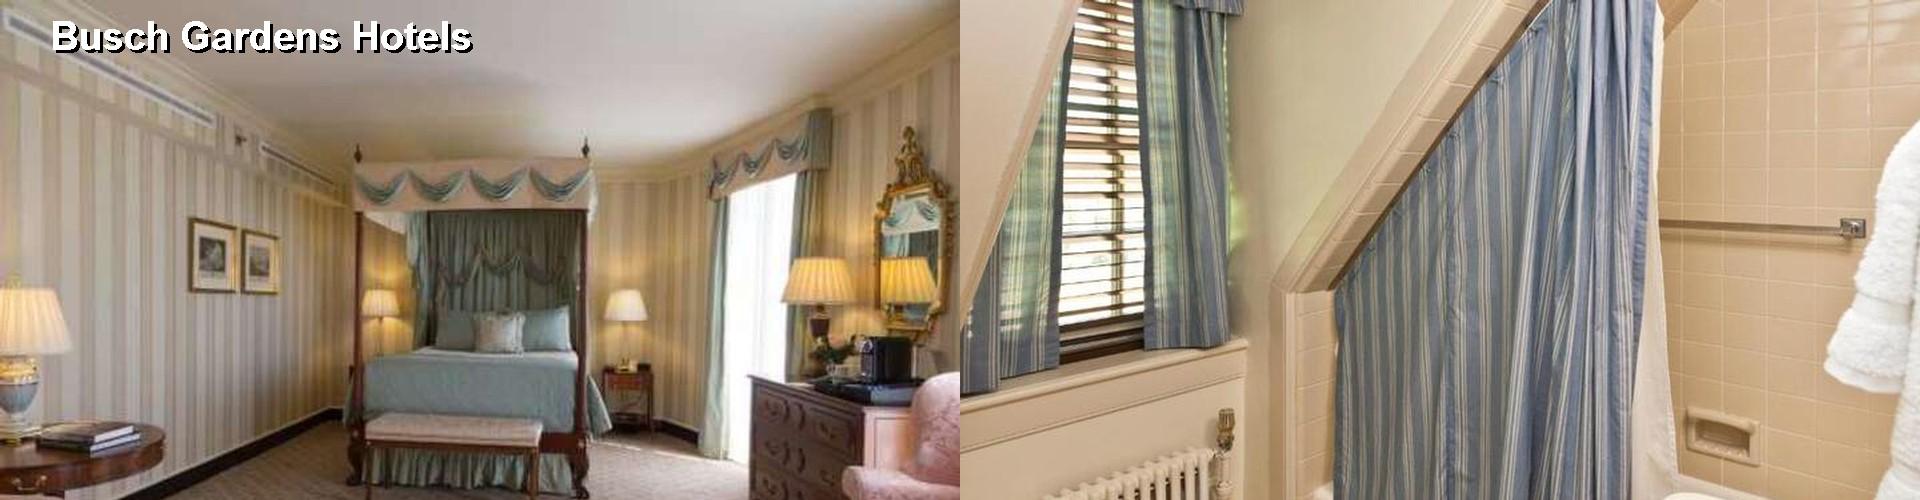 50 Hotels Near Busch Gardens In Williamsburg VA